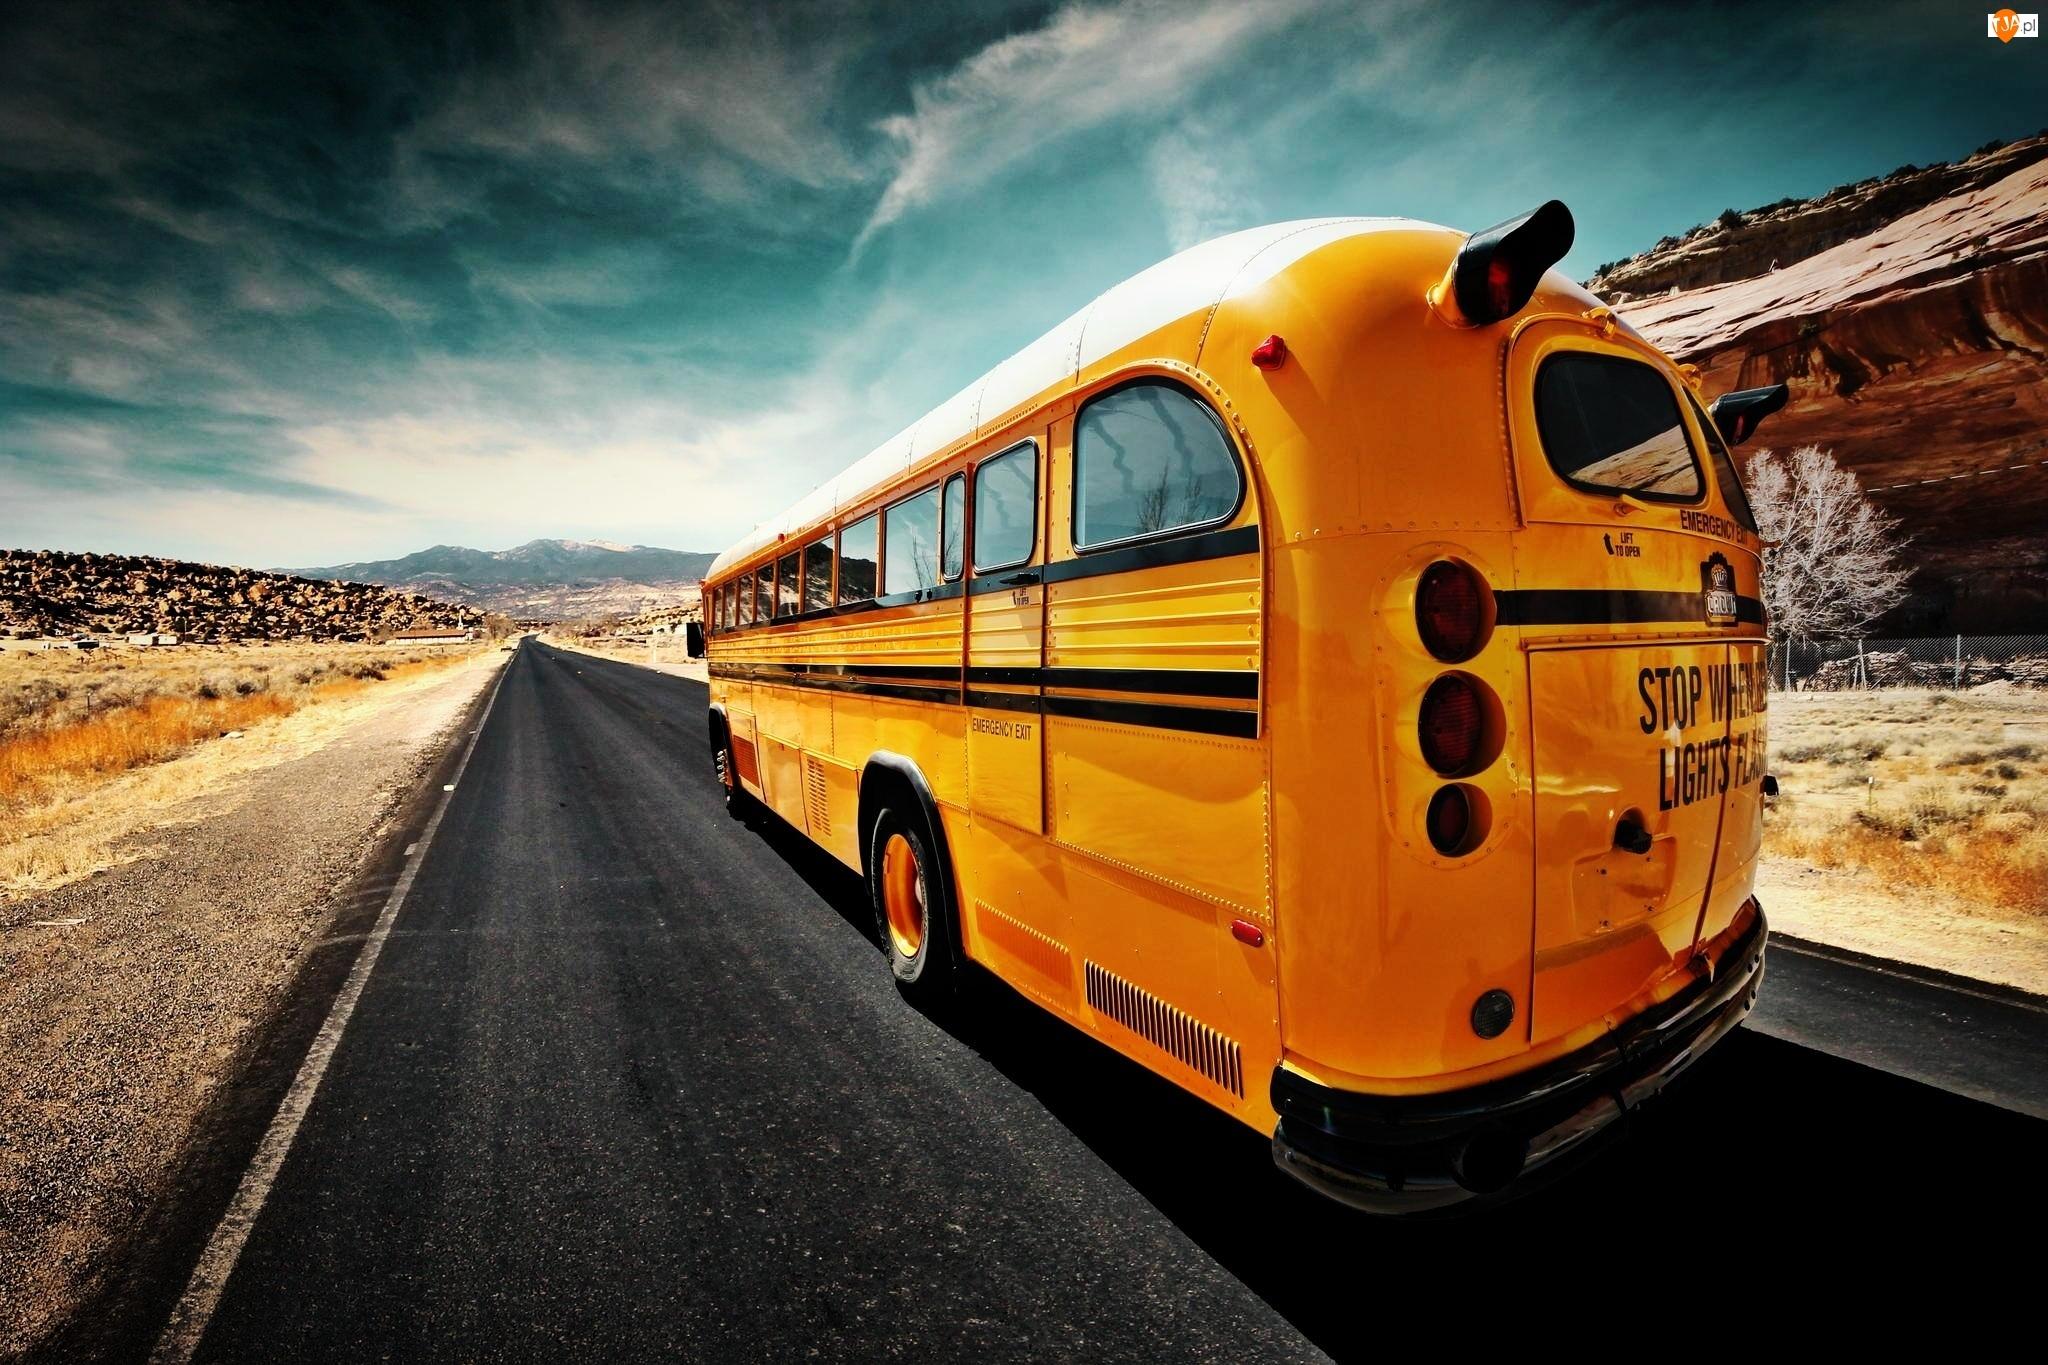 Szosa, Żółty, Autobus